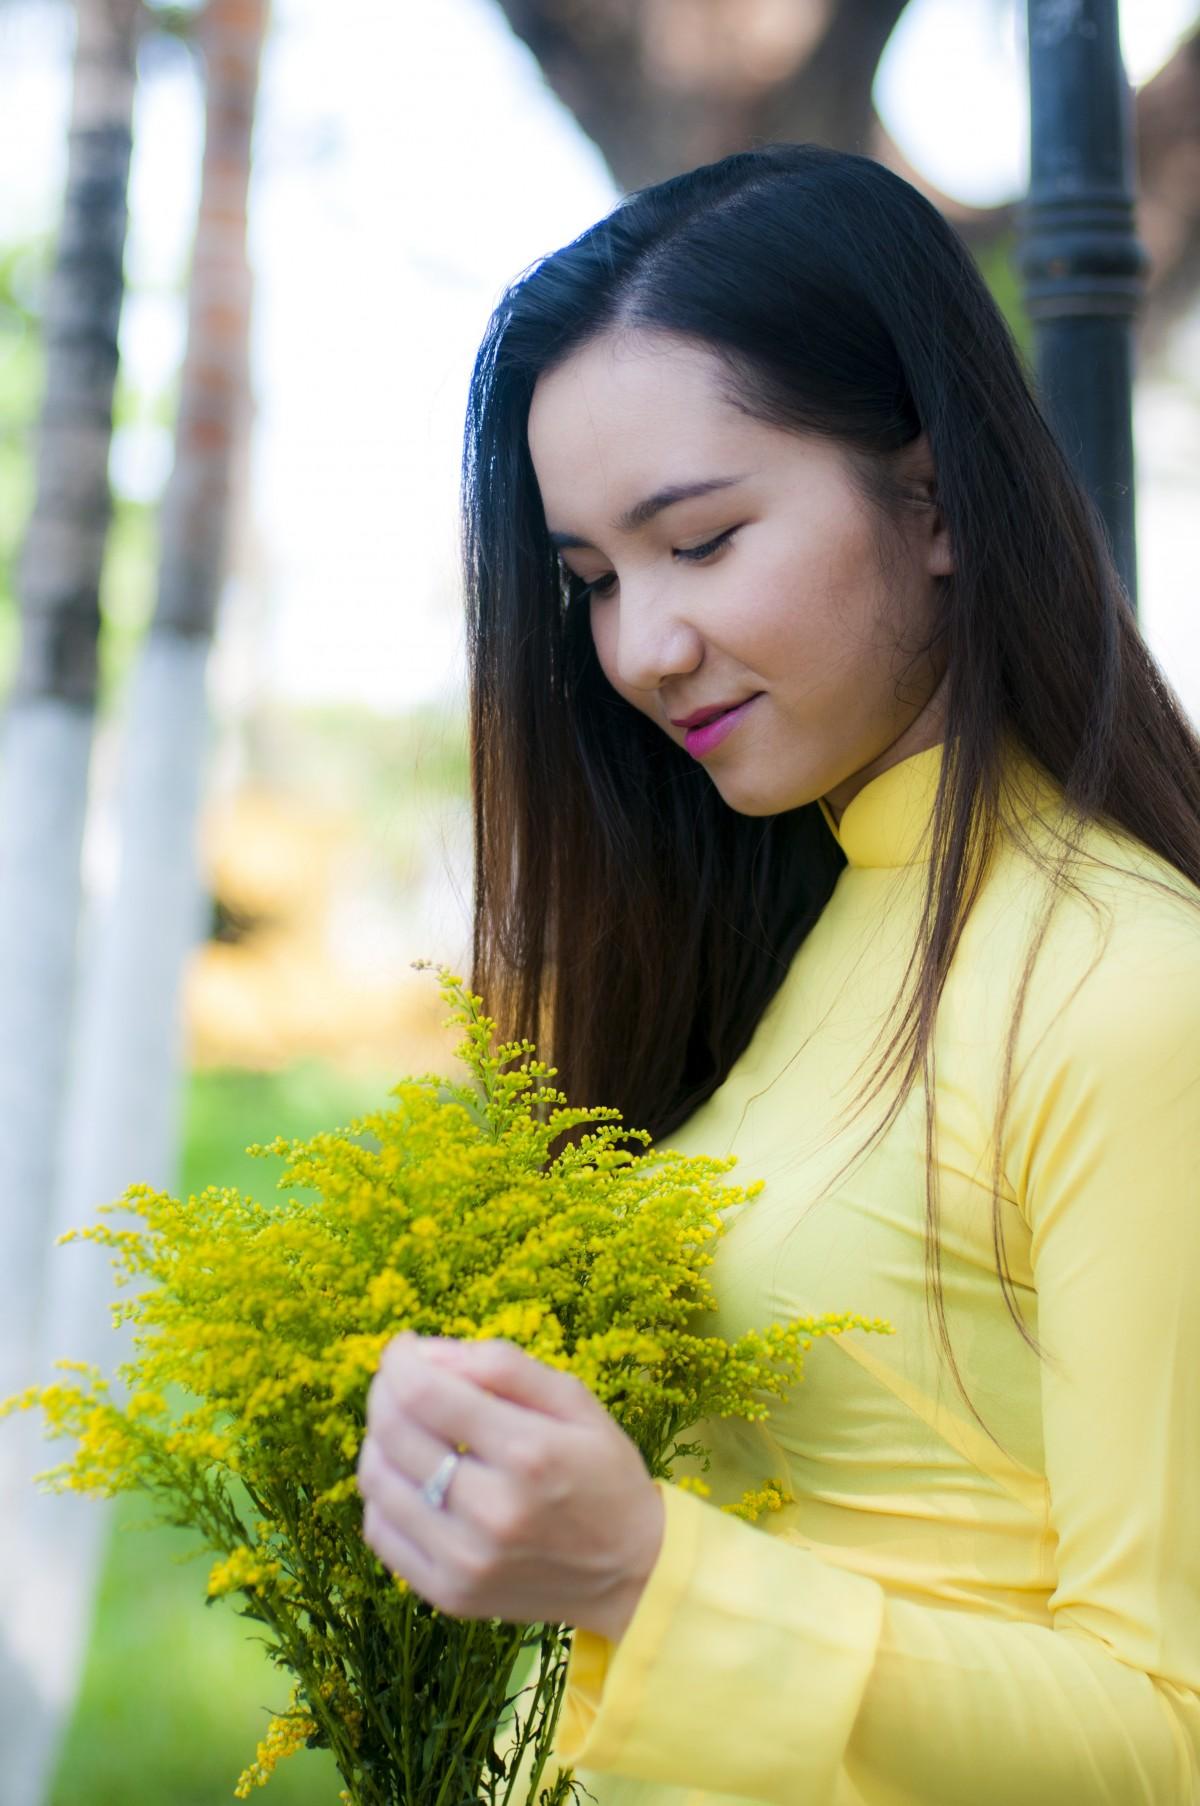 orang gadis wanita fotografi bunga potret